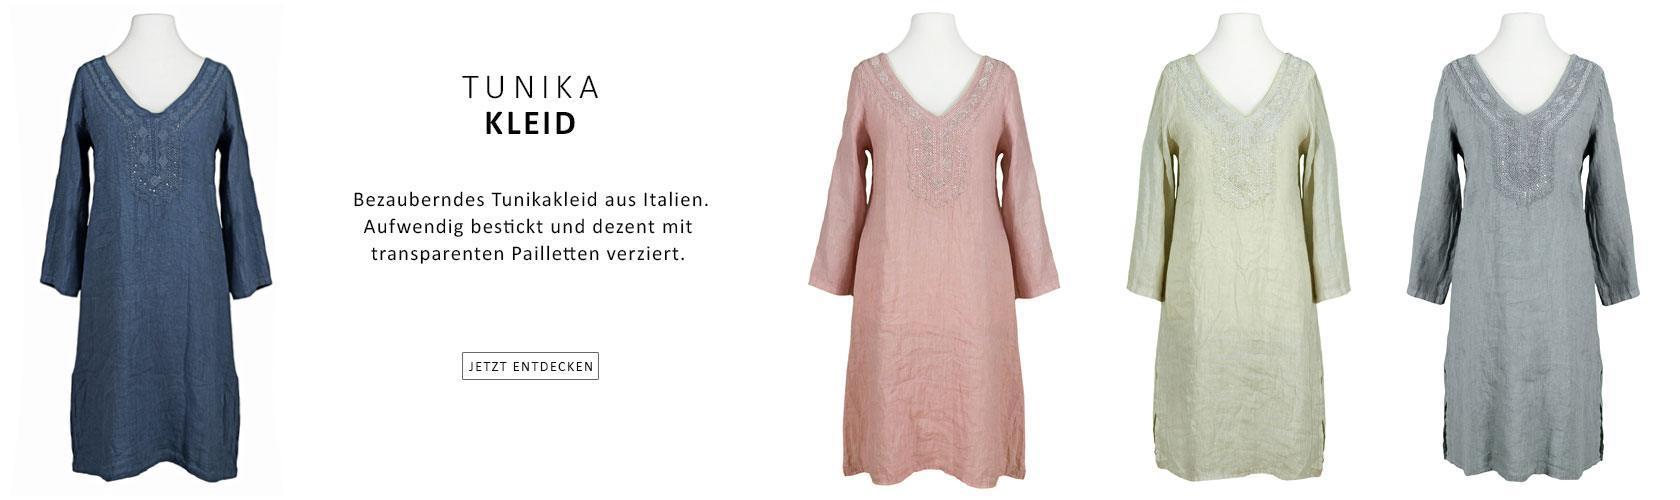 Tunika Kleid aus Italien